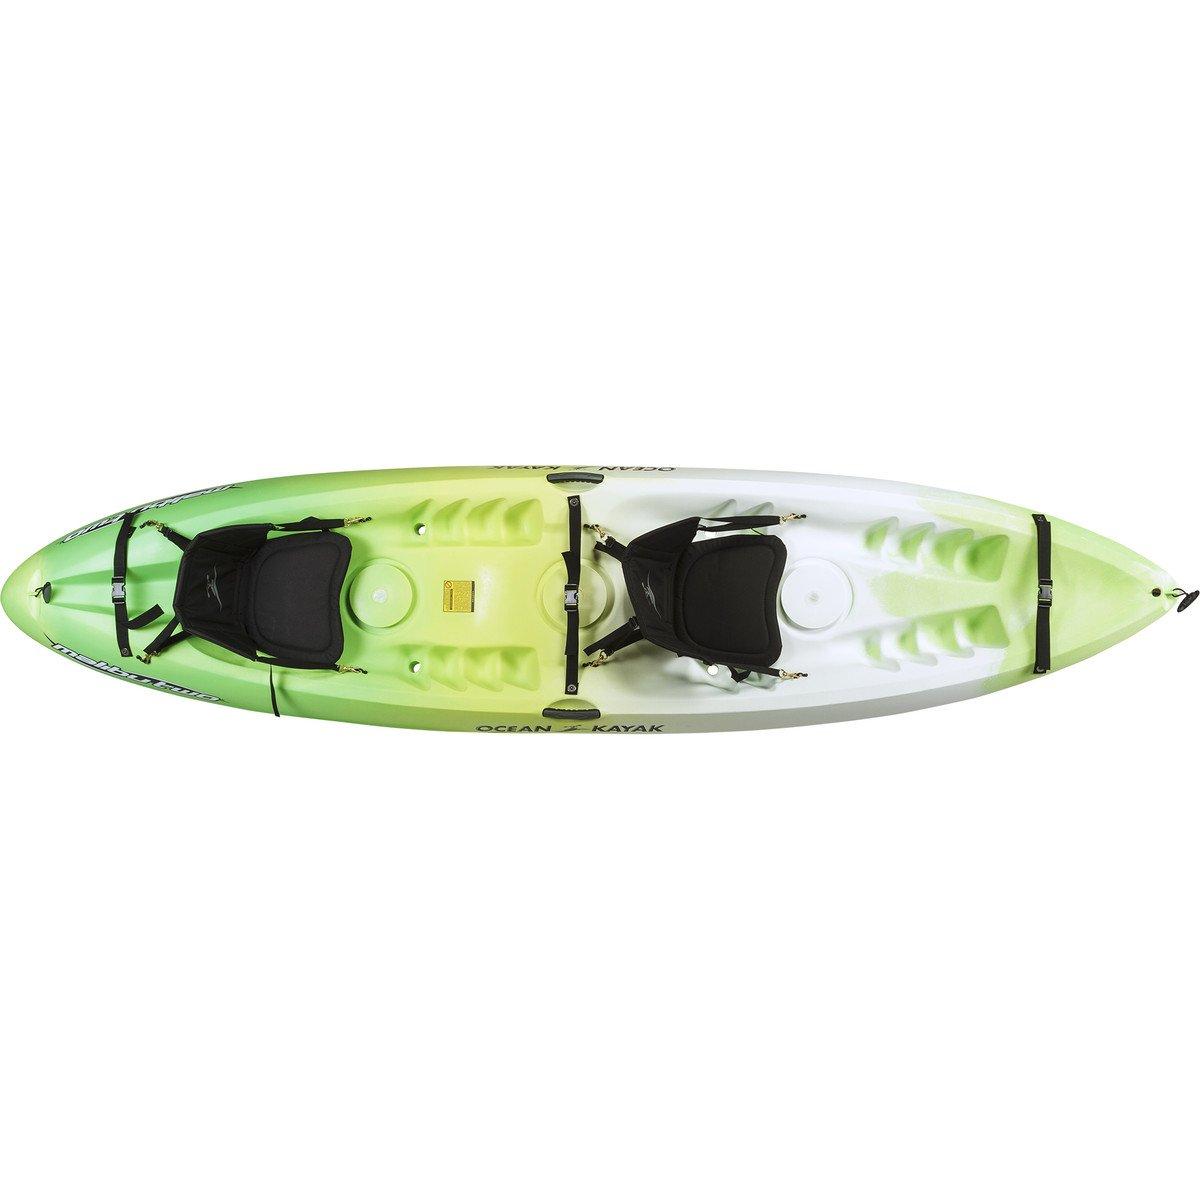 Ocean Kayak Malibu Two Tandem Sit-On-Top Recreational Kayak, Envy, 12 Feet by Ocean Kayak